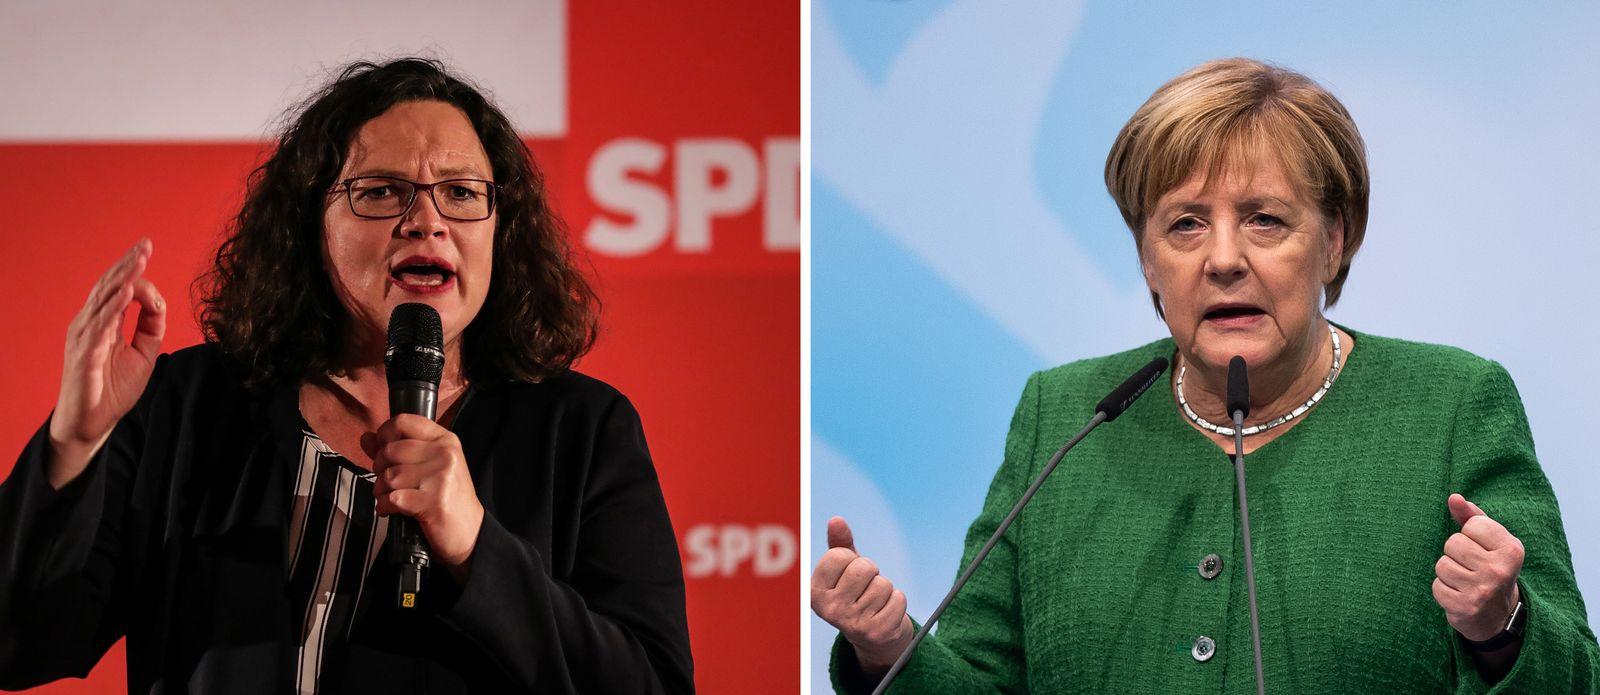 Merkel / Nahles Kombo